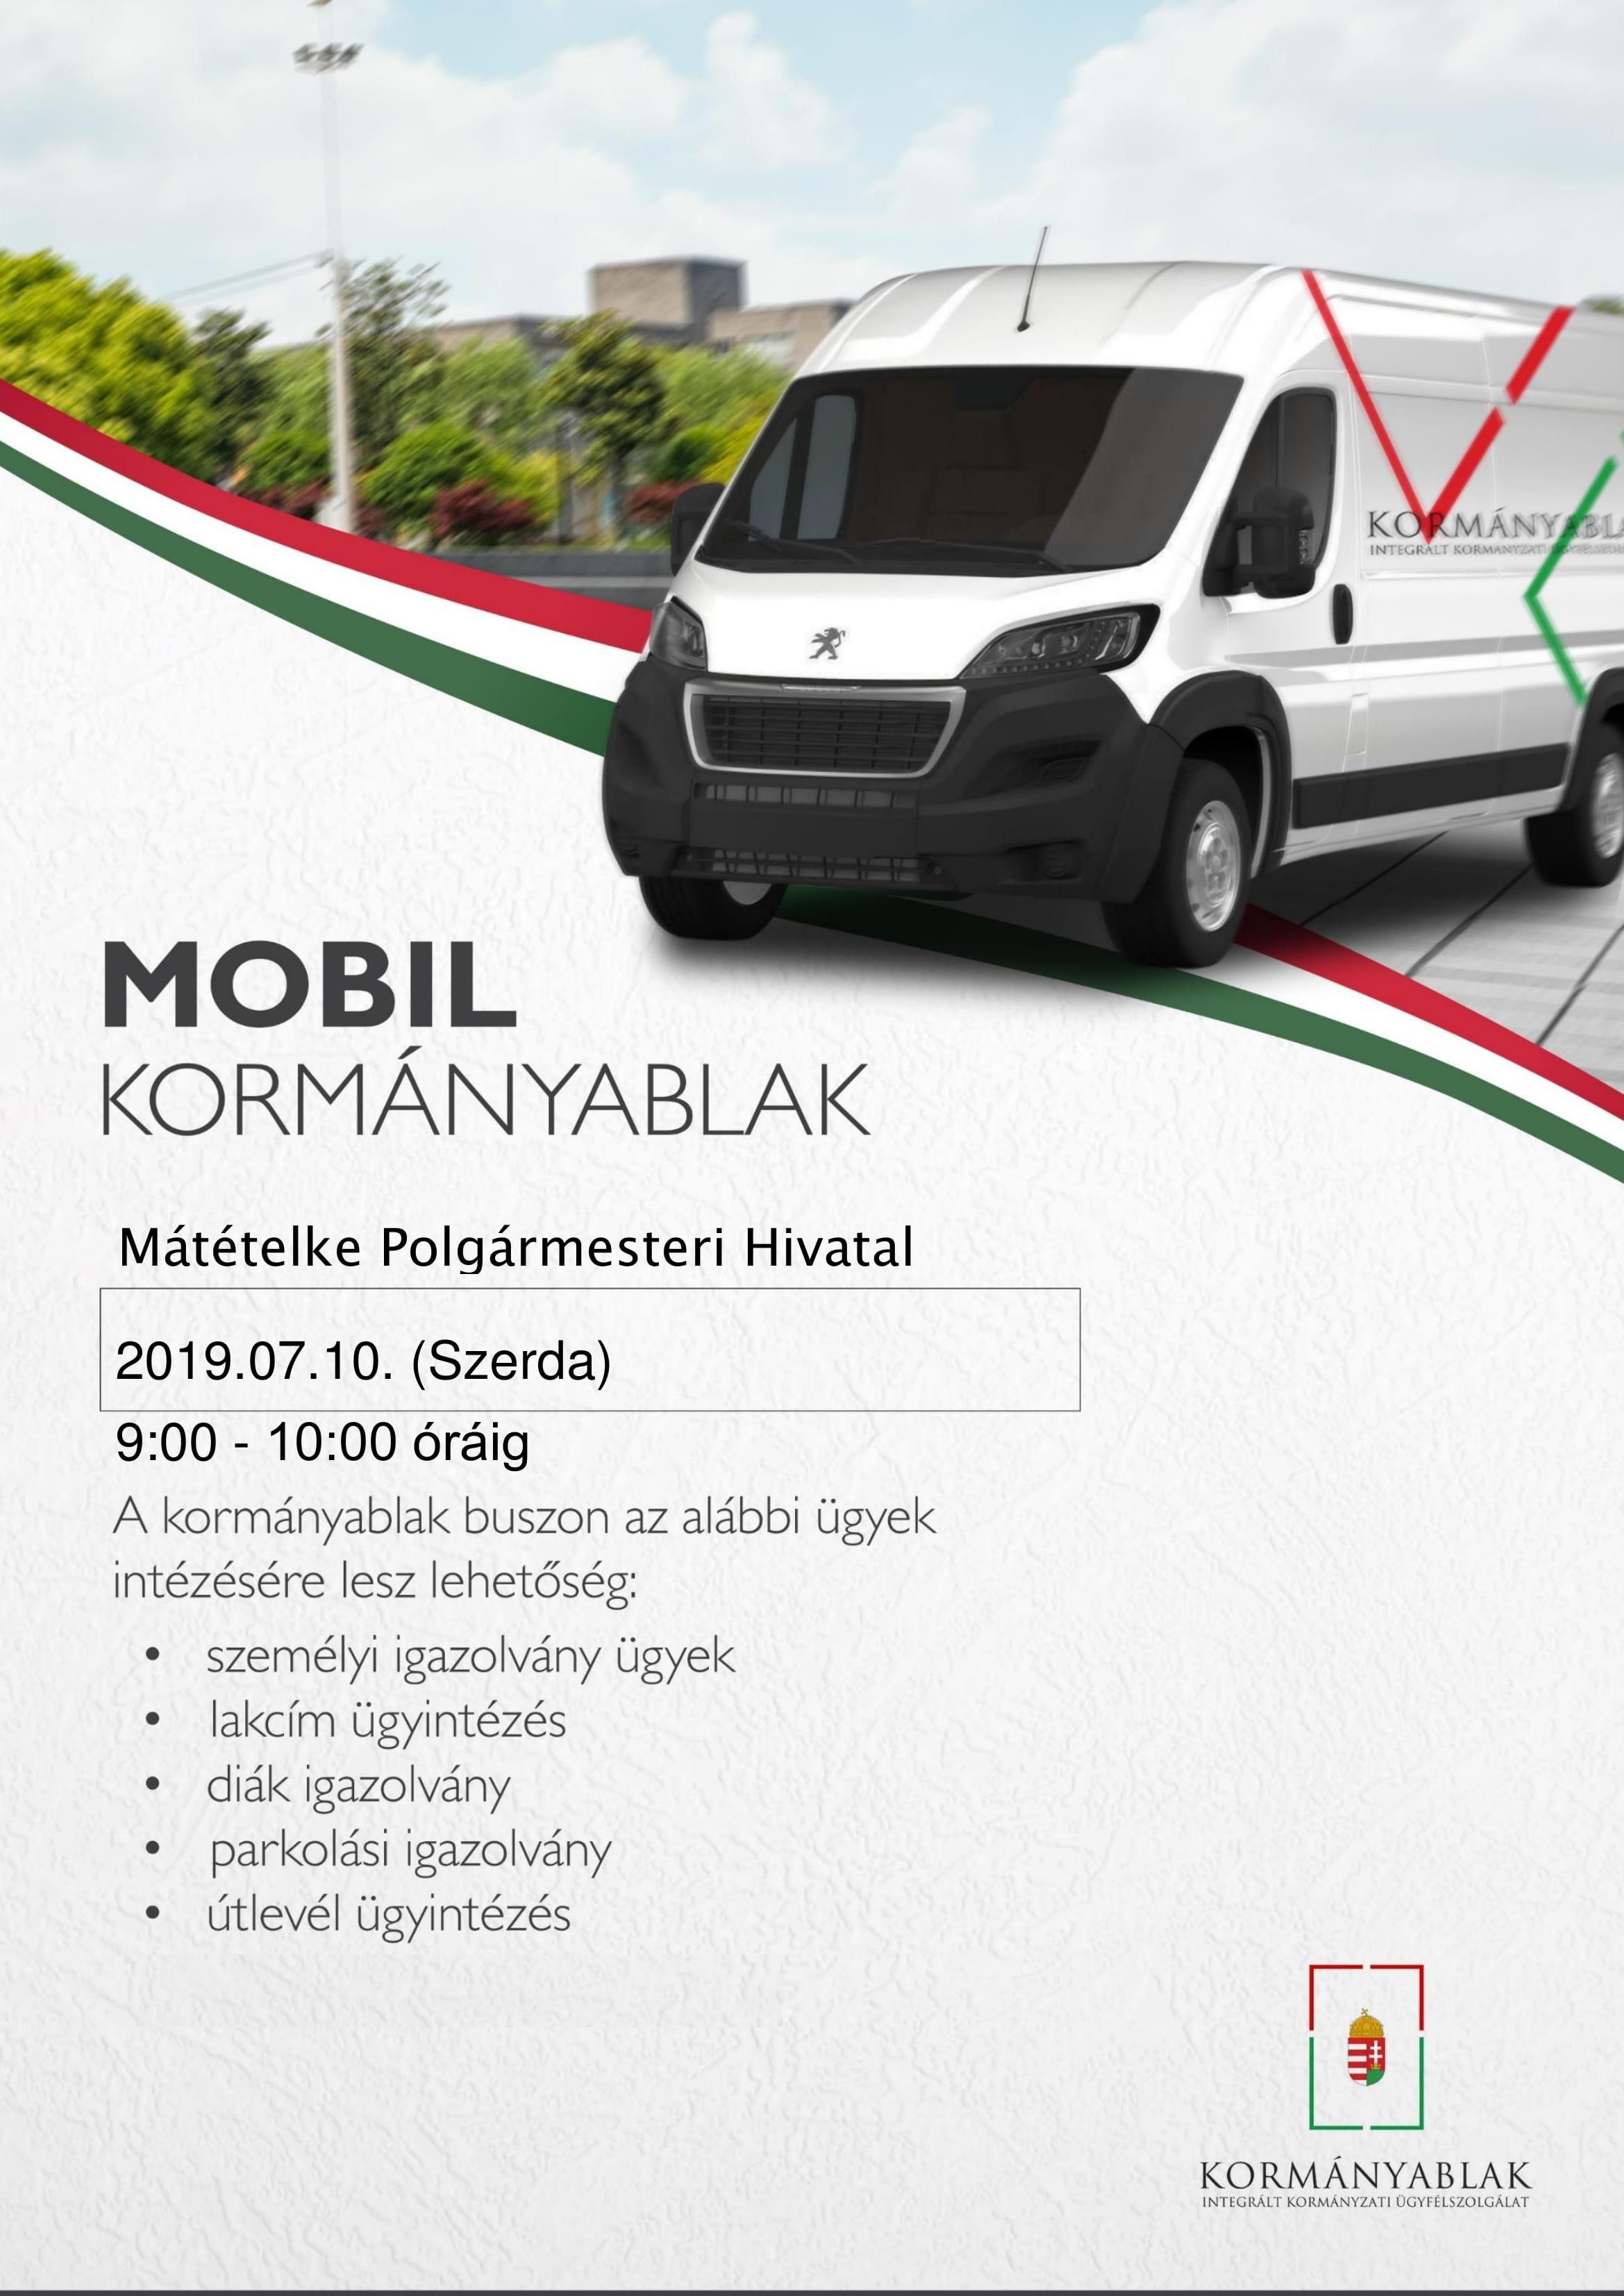 Bácsalmás Kormányablak busz plakát - Mátételke-2-1